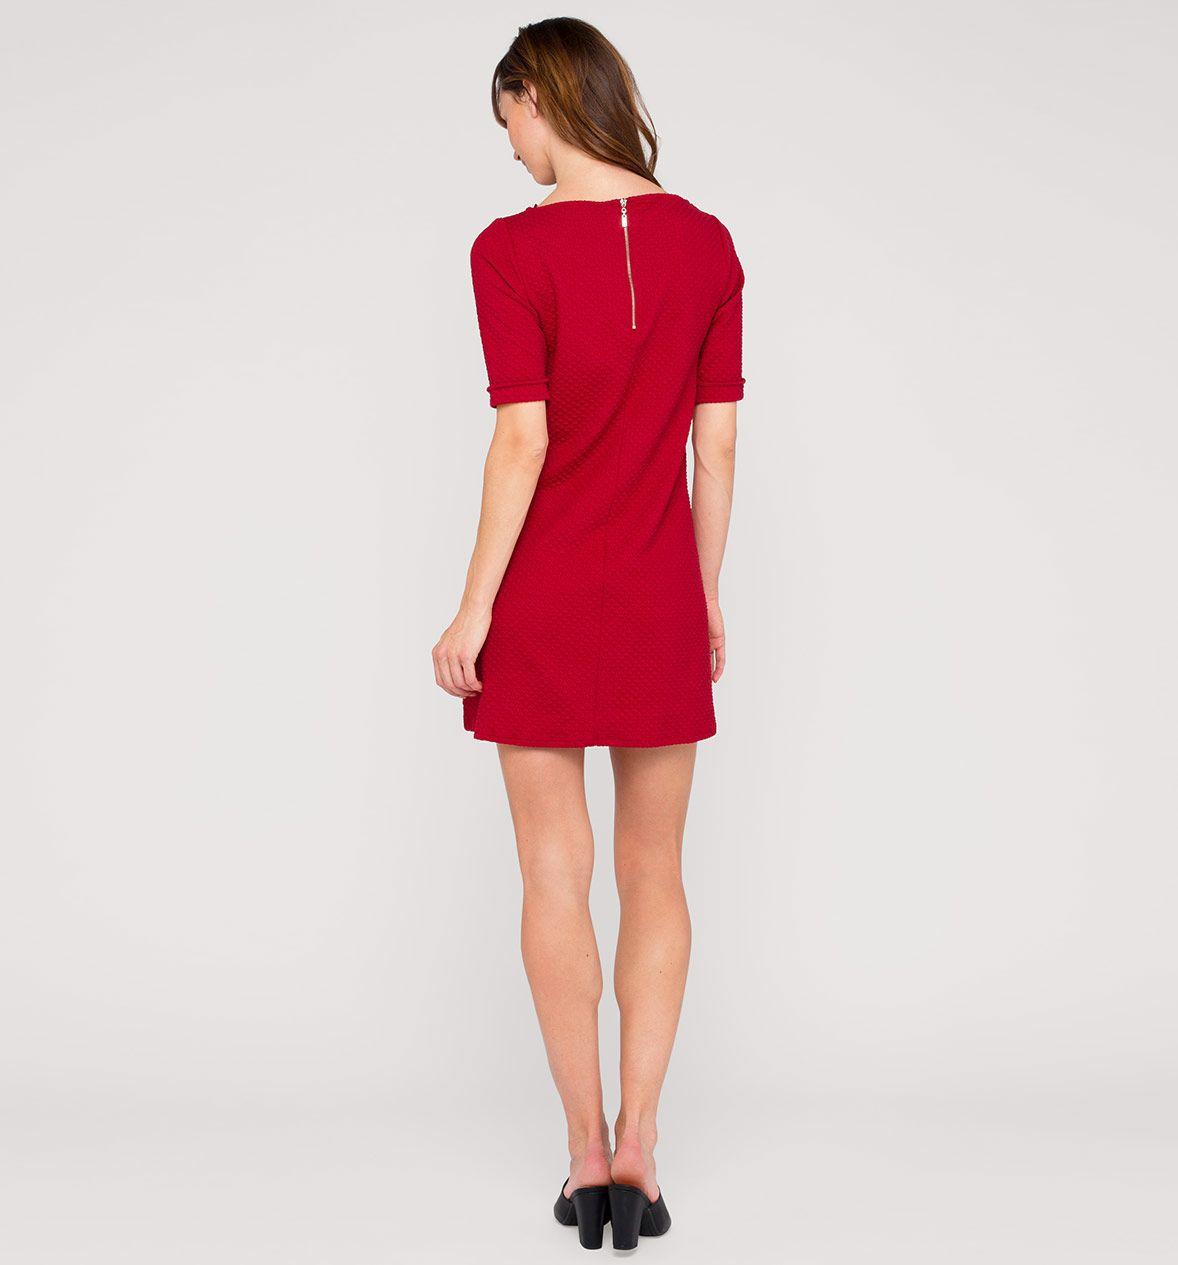 damen strickkleid in rot - mode günstig online kaufen - c&a